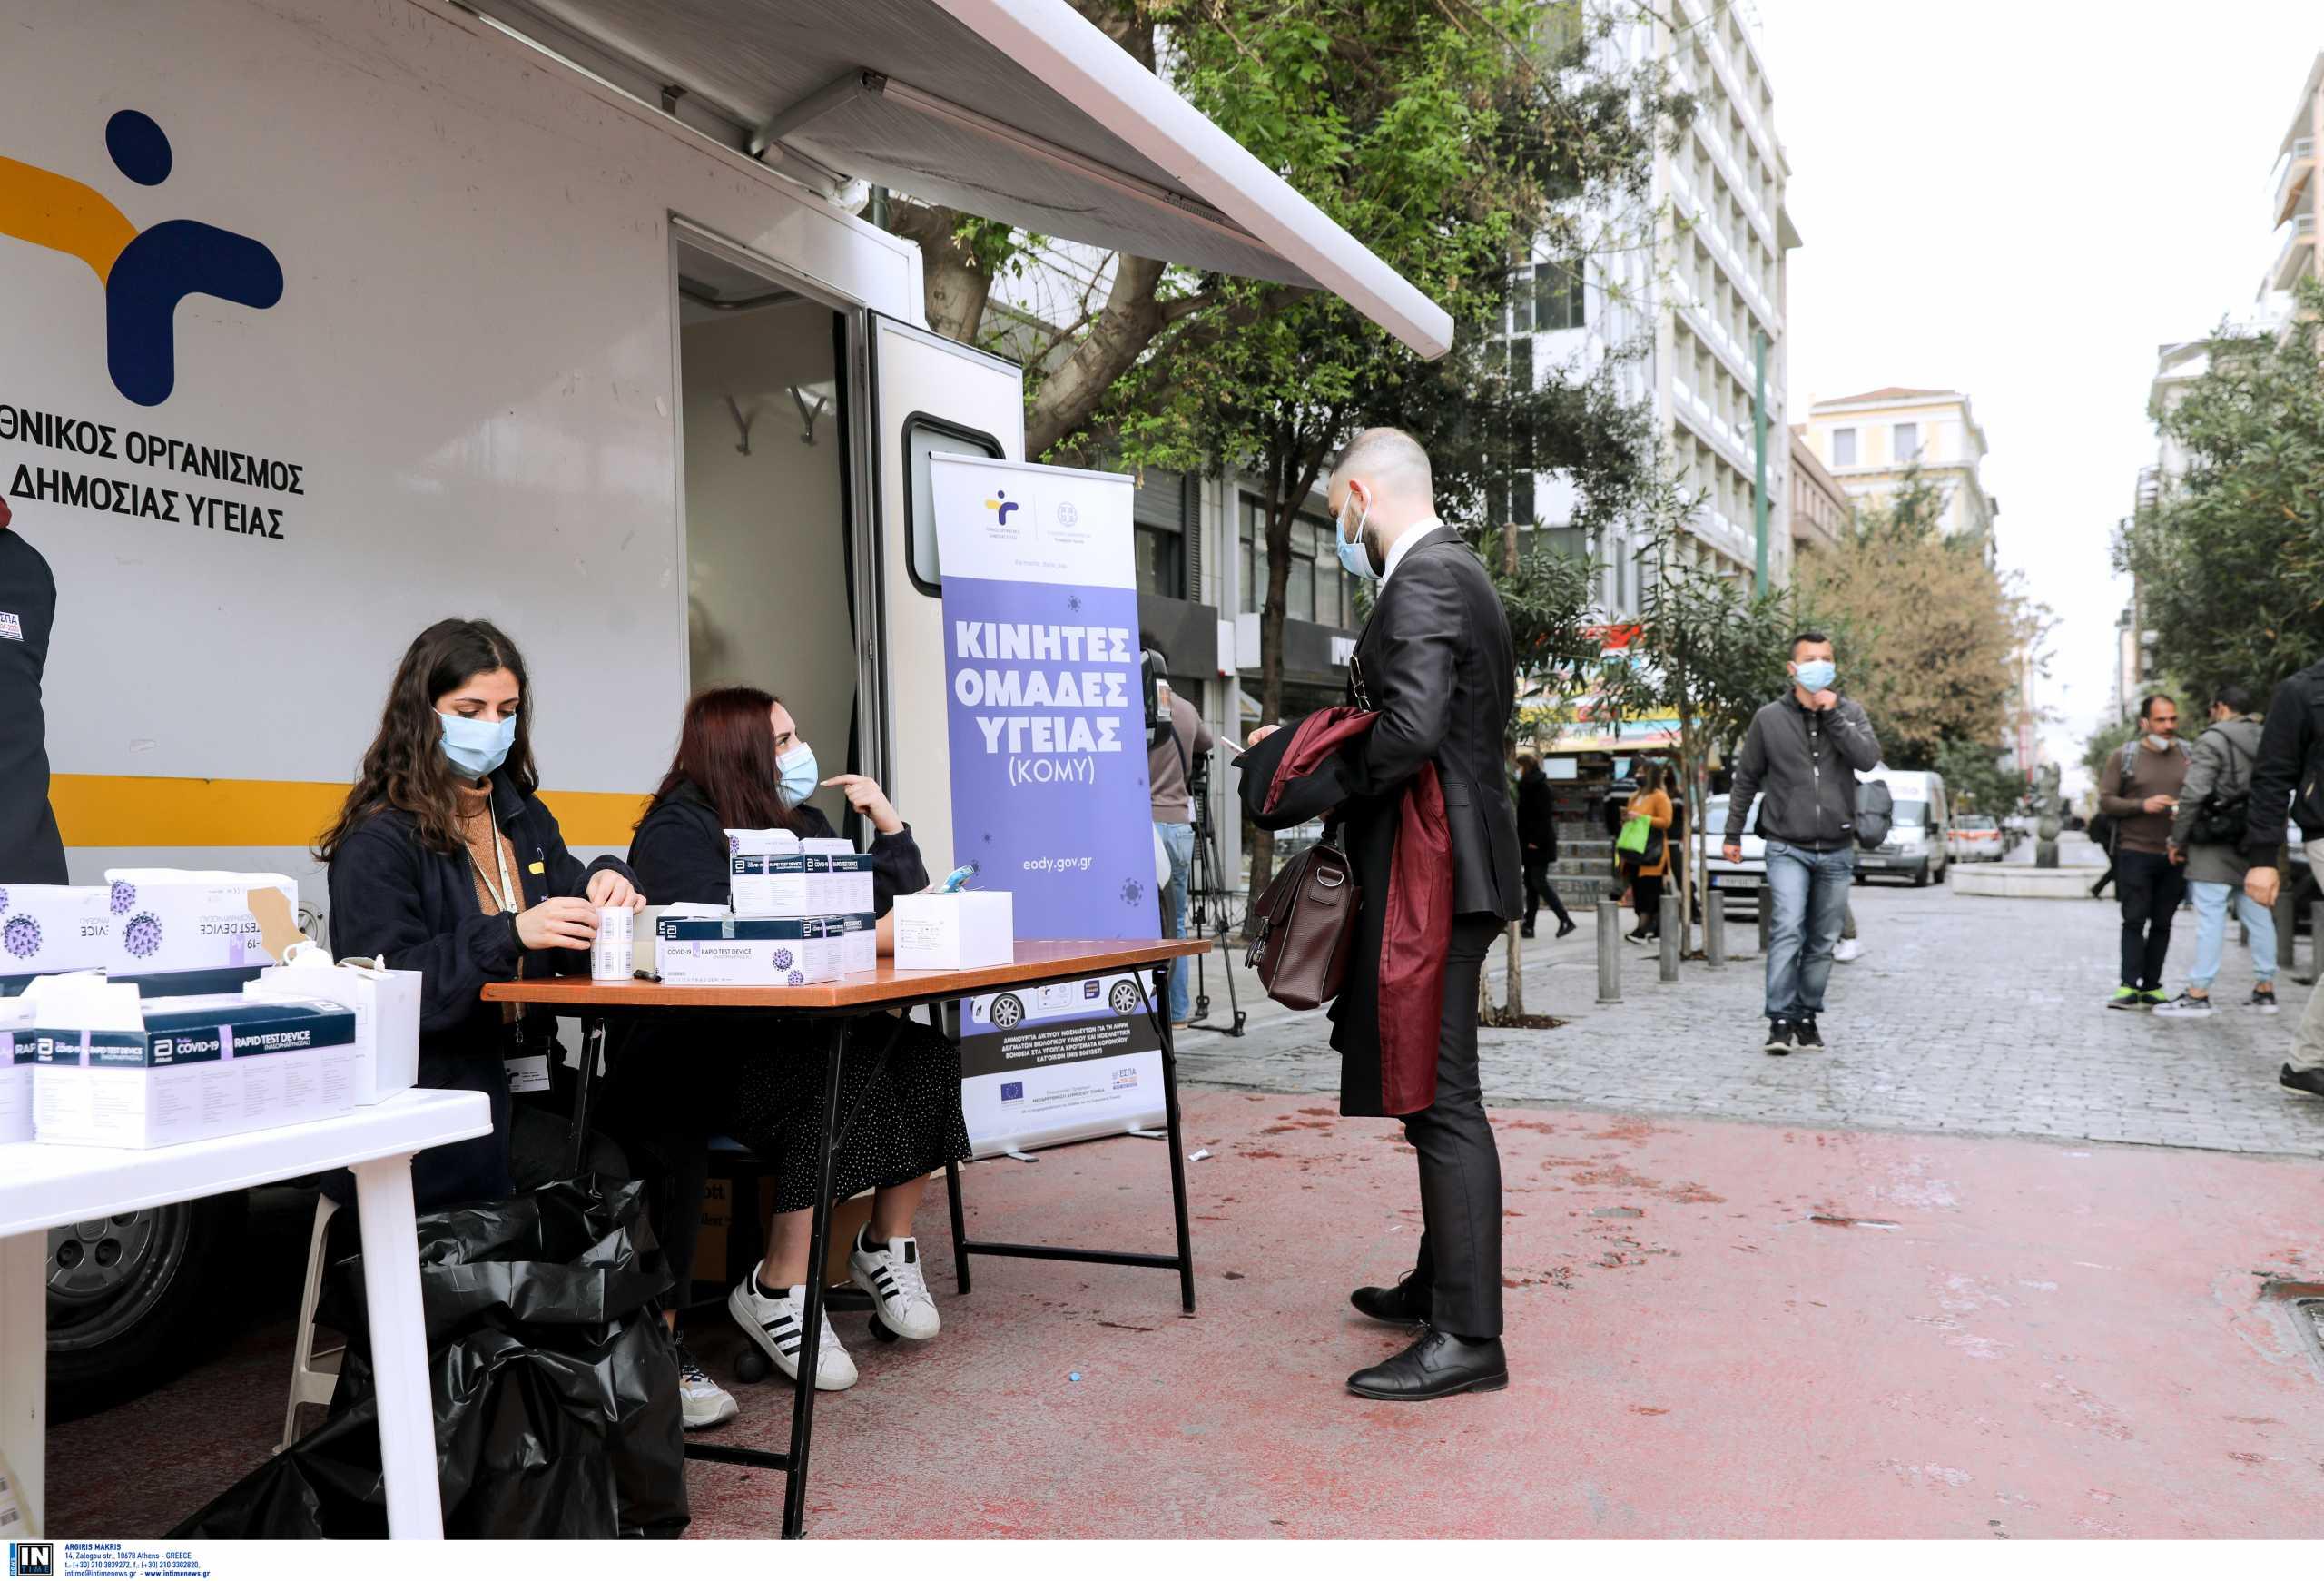 Κορονοϊός: Αθήνα, Πειραιάς και Θεσσαλονίκη «στενάζουν» από κρούσματα – Πού καταγράφονται τα υπόλοιπα